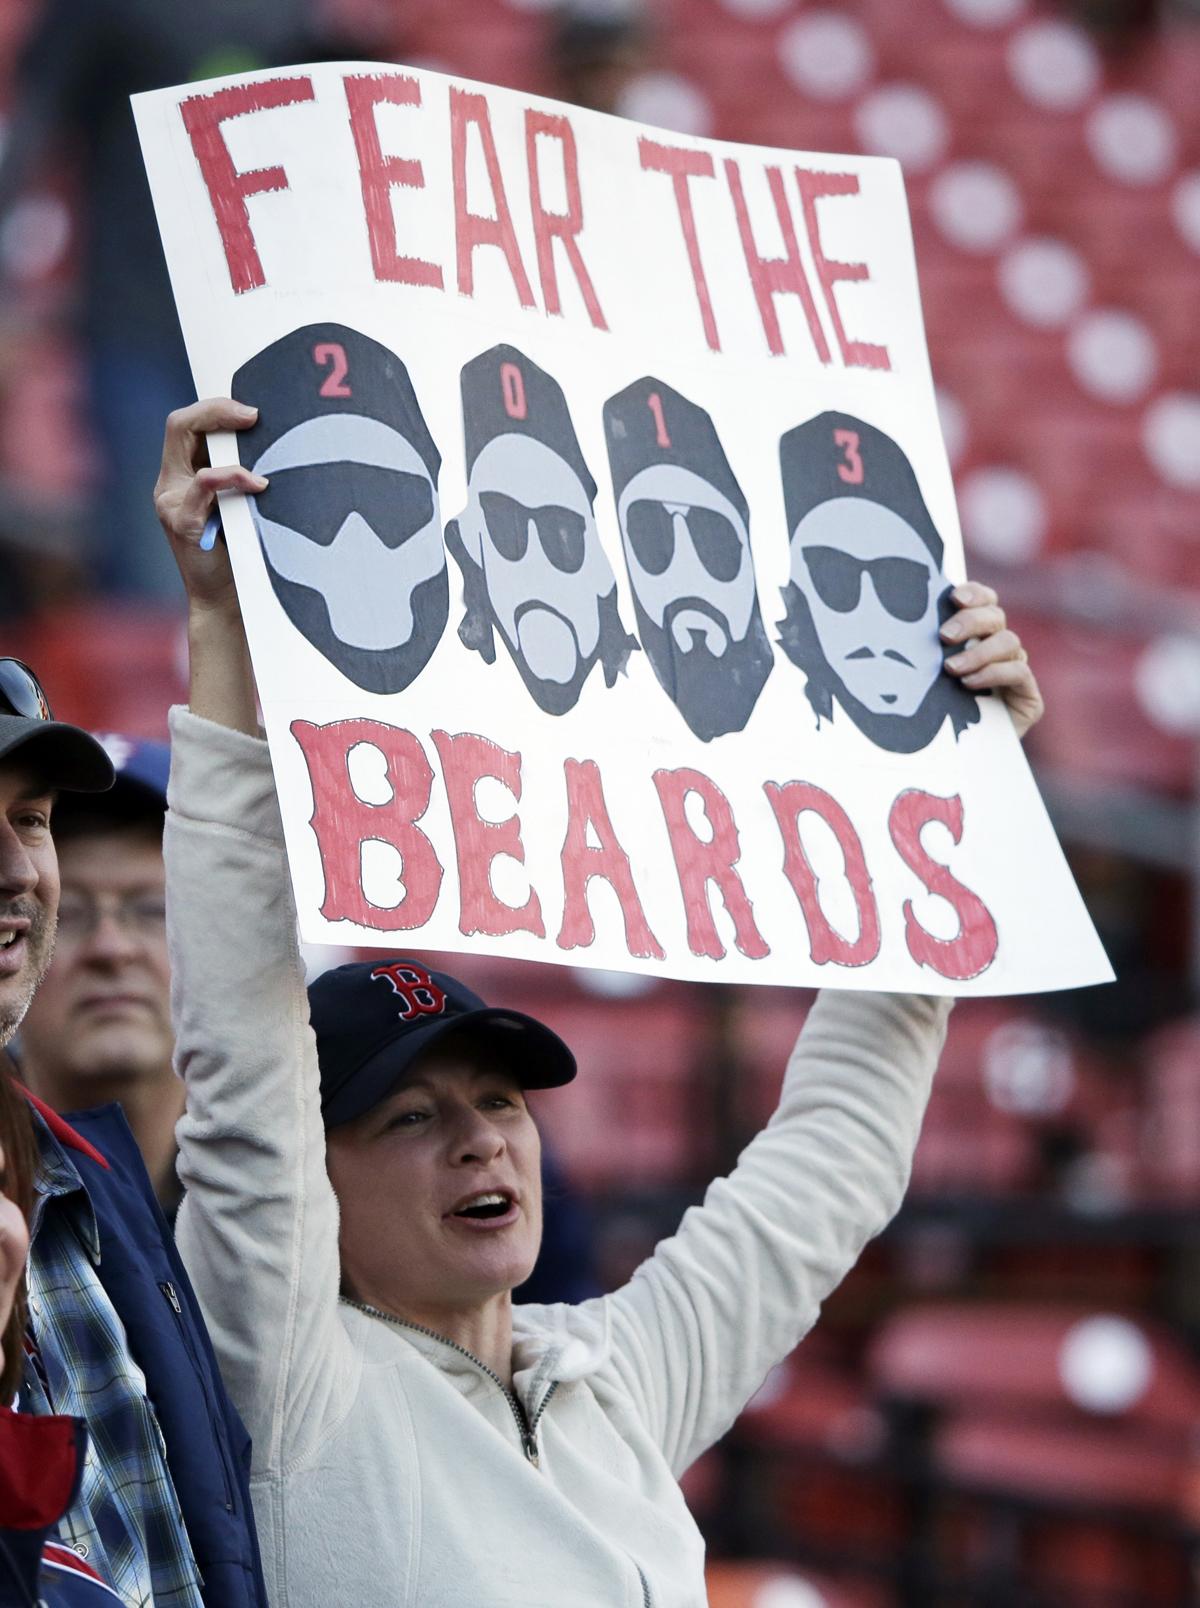 boston red sox fan fear the beards